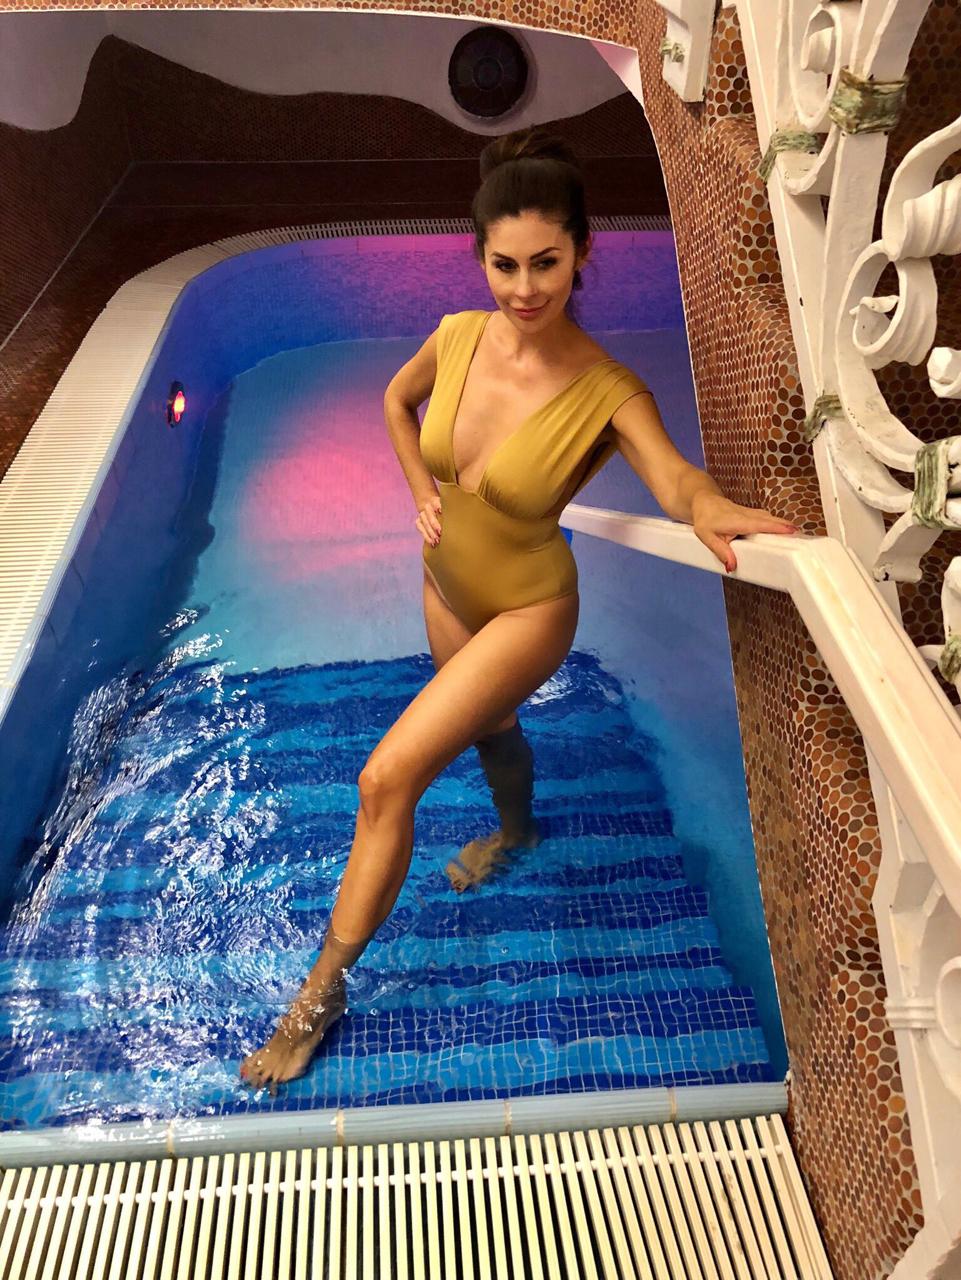 Badeanzug von Iracema Scharf